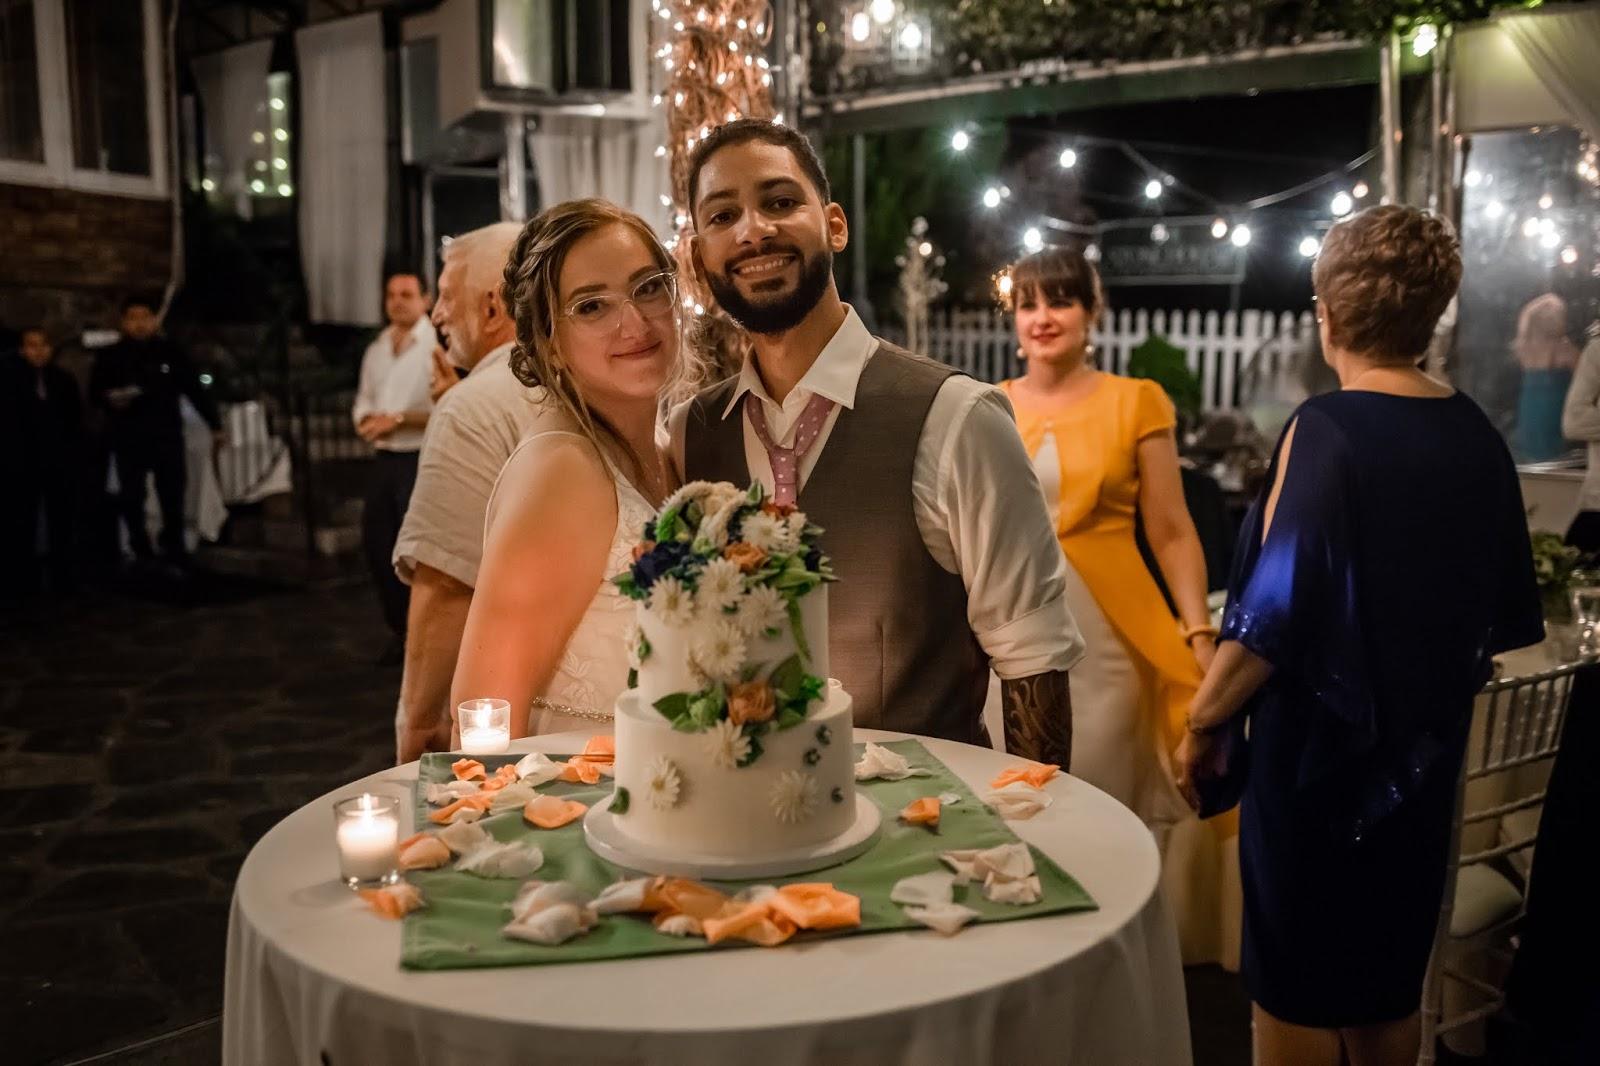 ARTLOOK NEW YORK WEDDING PHOTOGRAPHY